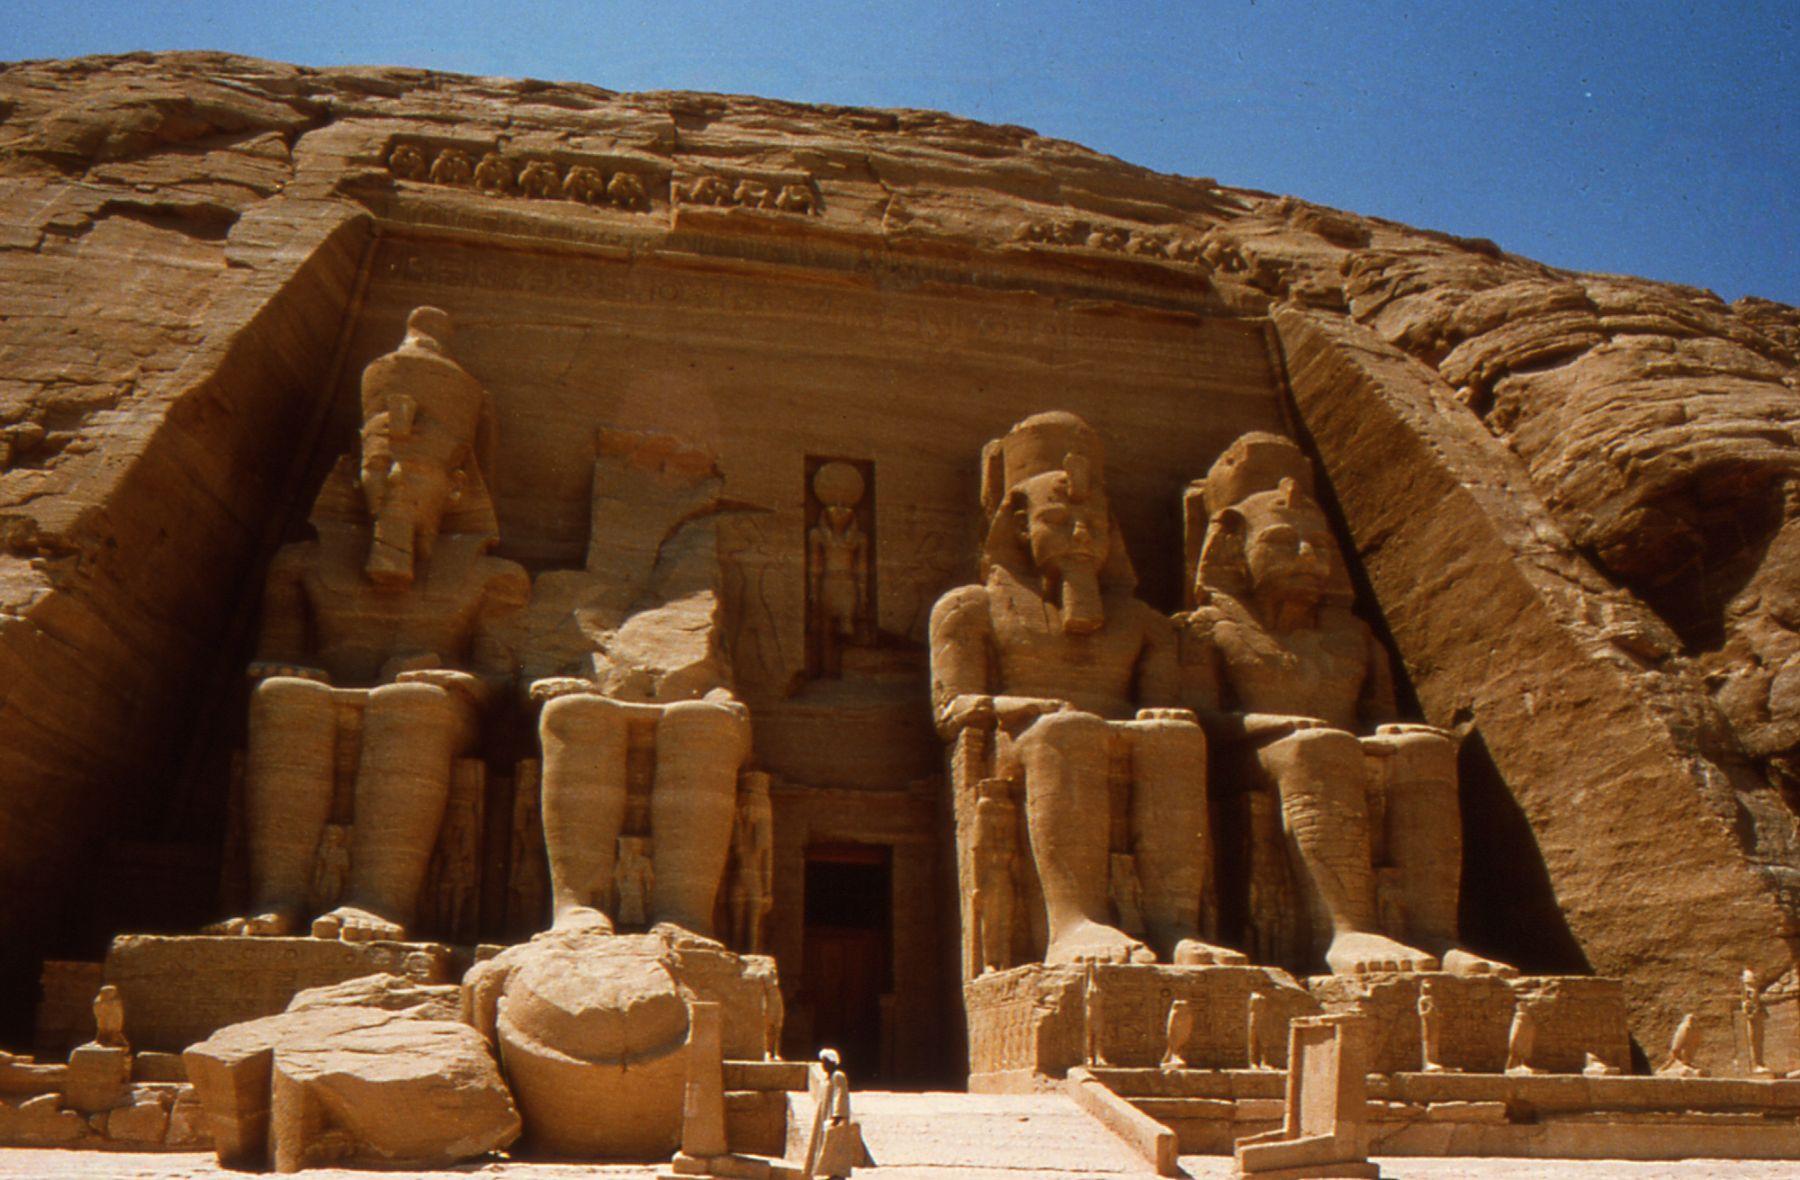 古文明埃及(阿布辛贝)尼罗河游轮红海之旅十一日游(埃航)